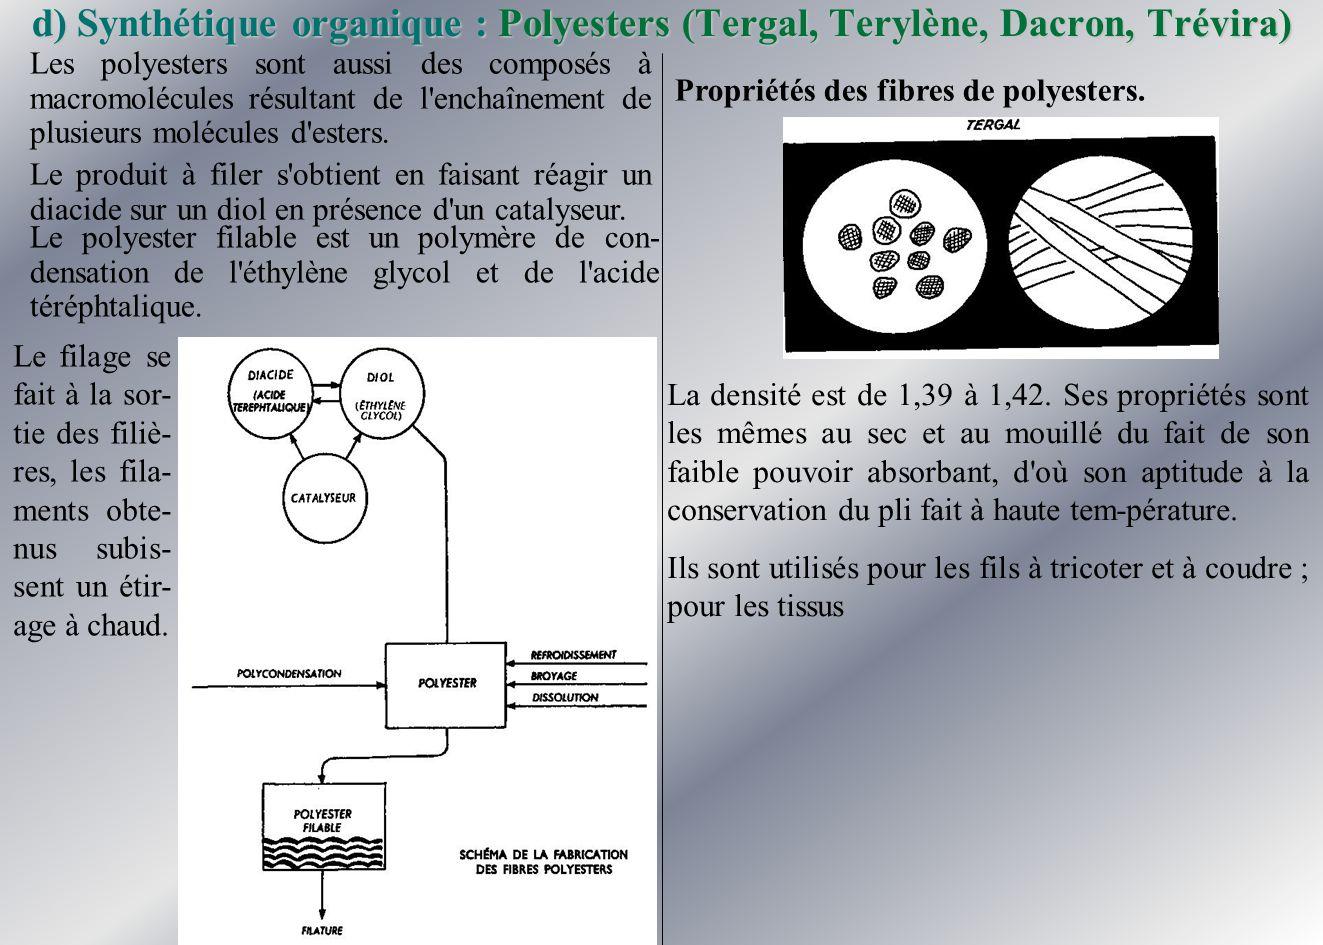 d) Synthétique organique : Polyesters (Tergal, Terylène, Dacron, Trévira) Le filage se fait à la sor- tie des filiè- res, les fila- ments obte- nus su